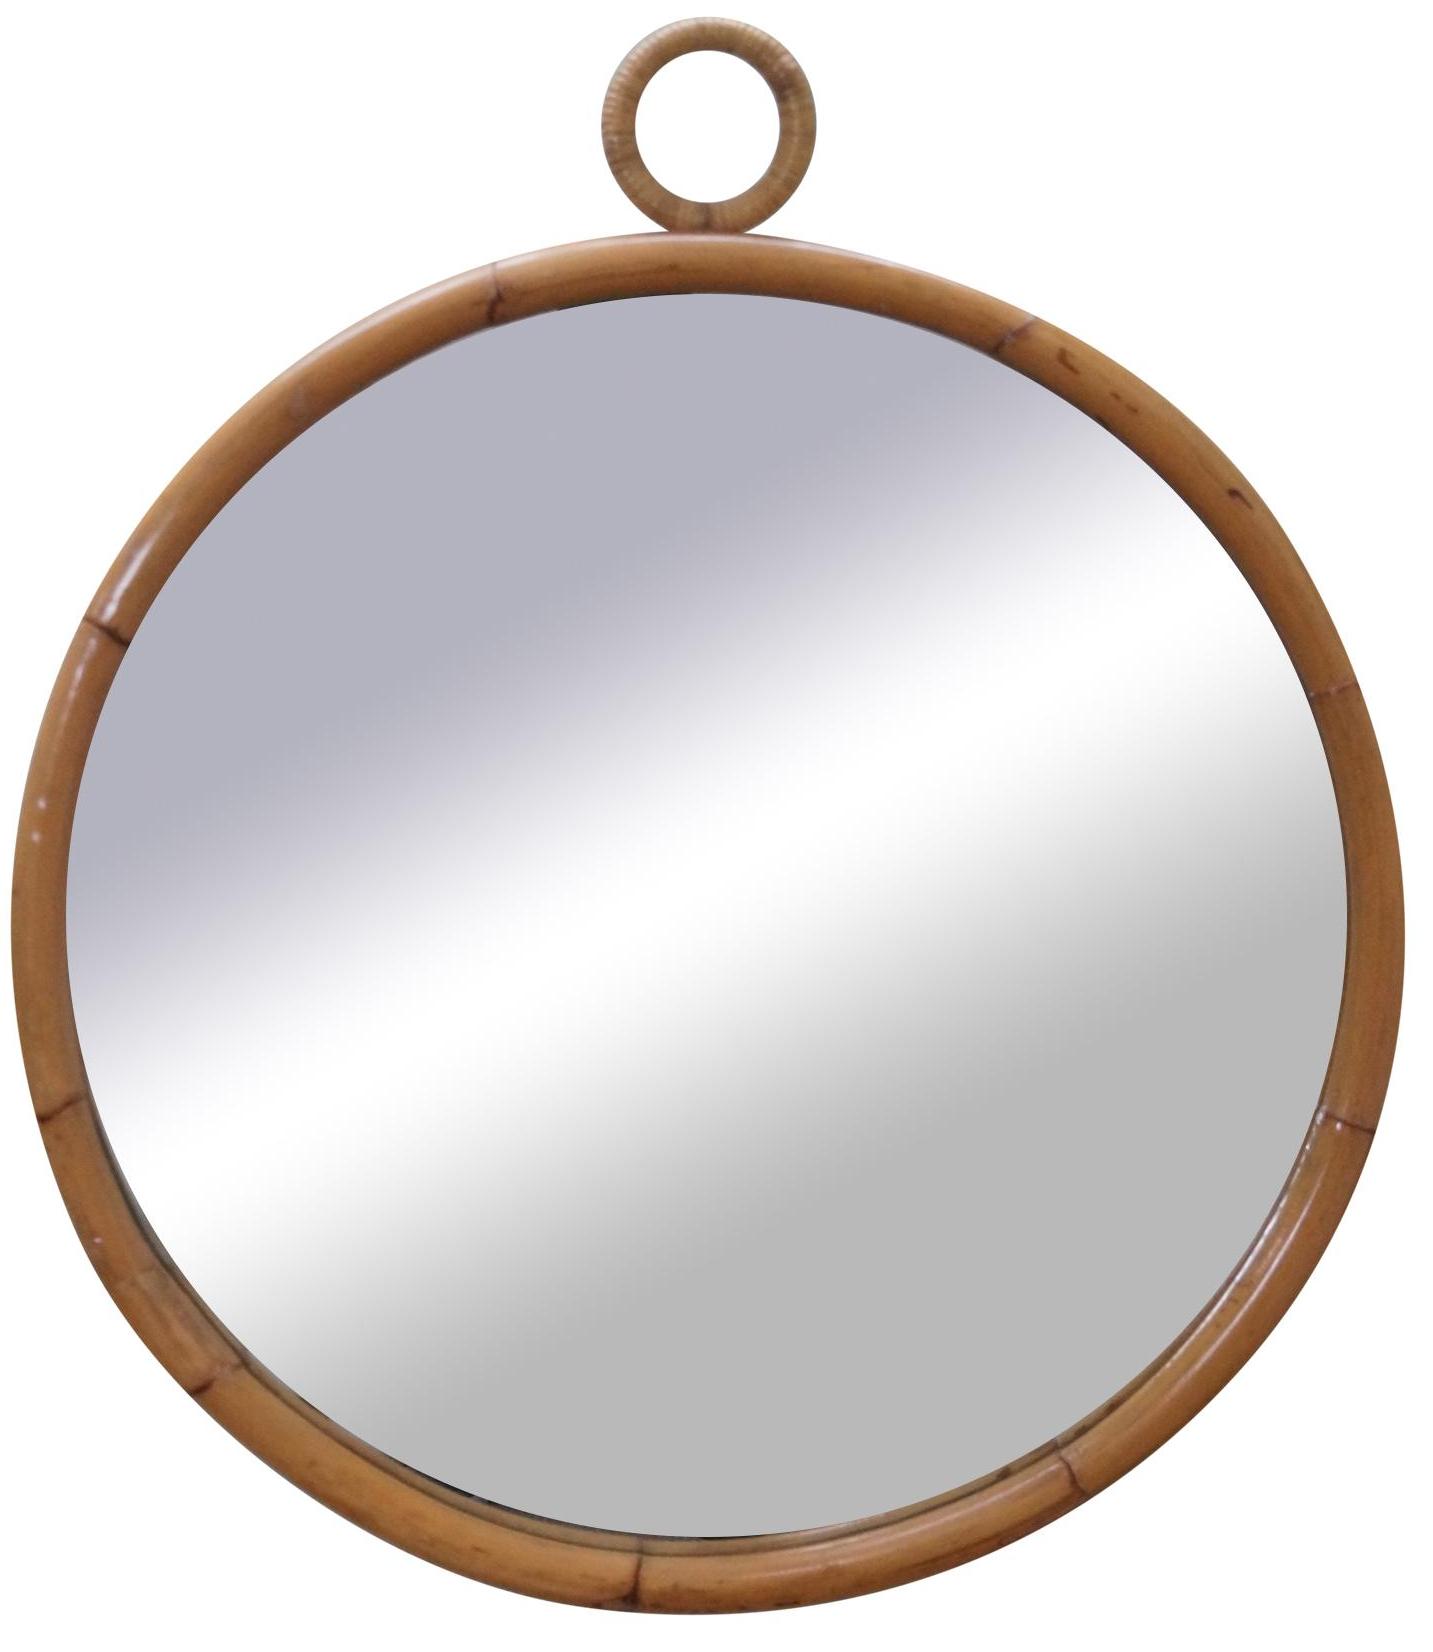 wall mirror clipart. wall mirror clipart r